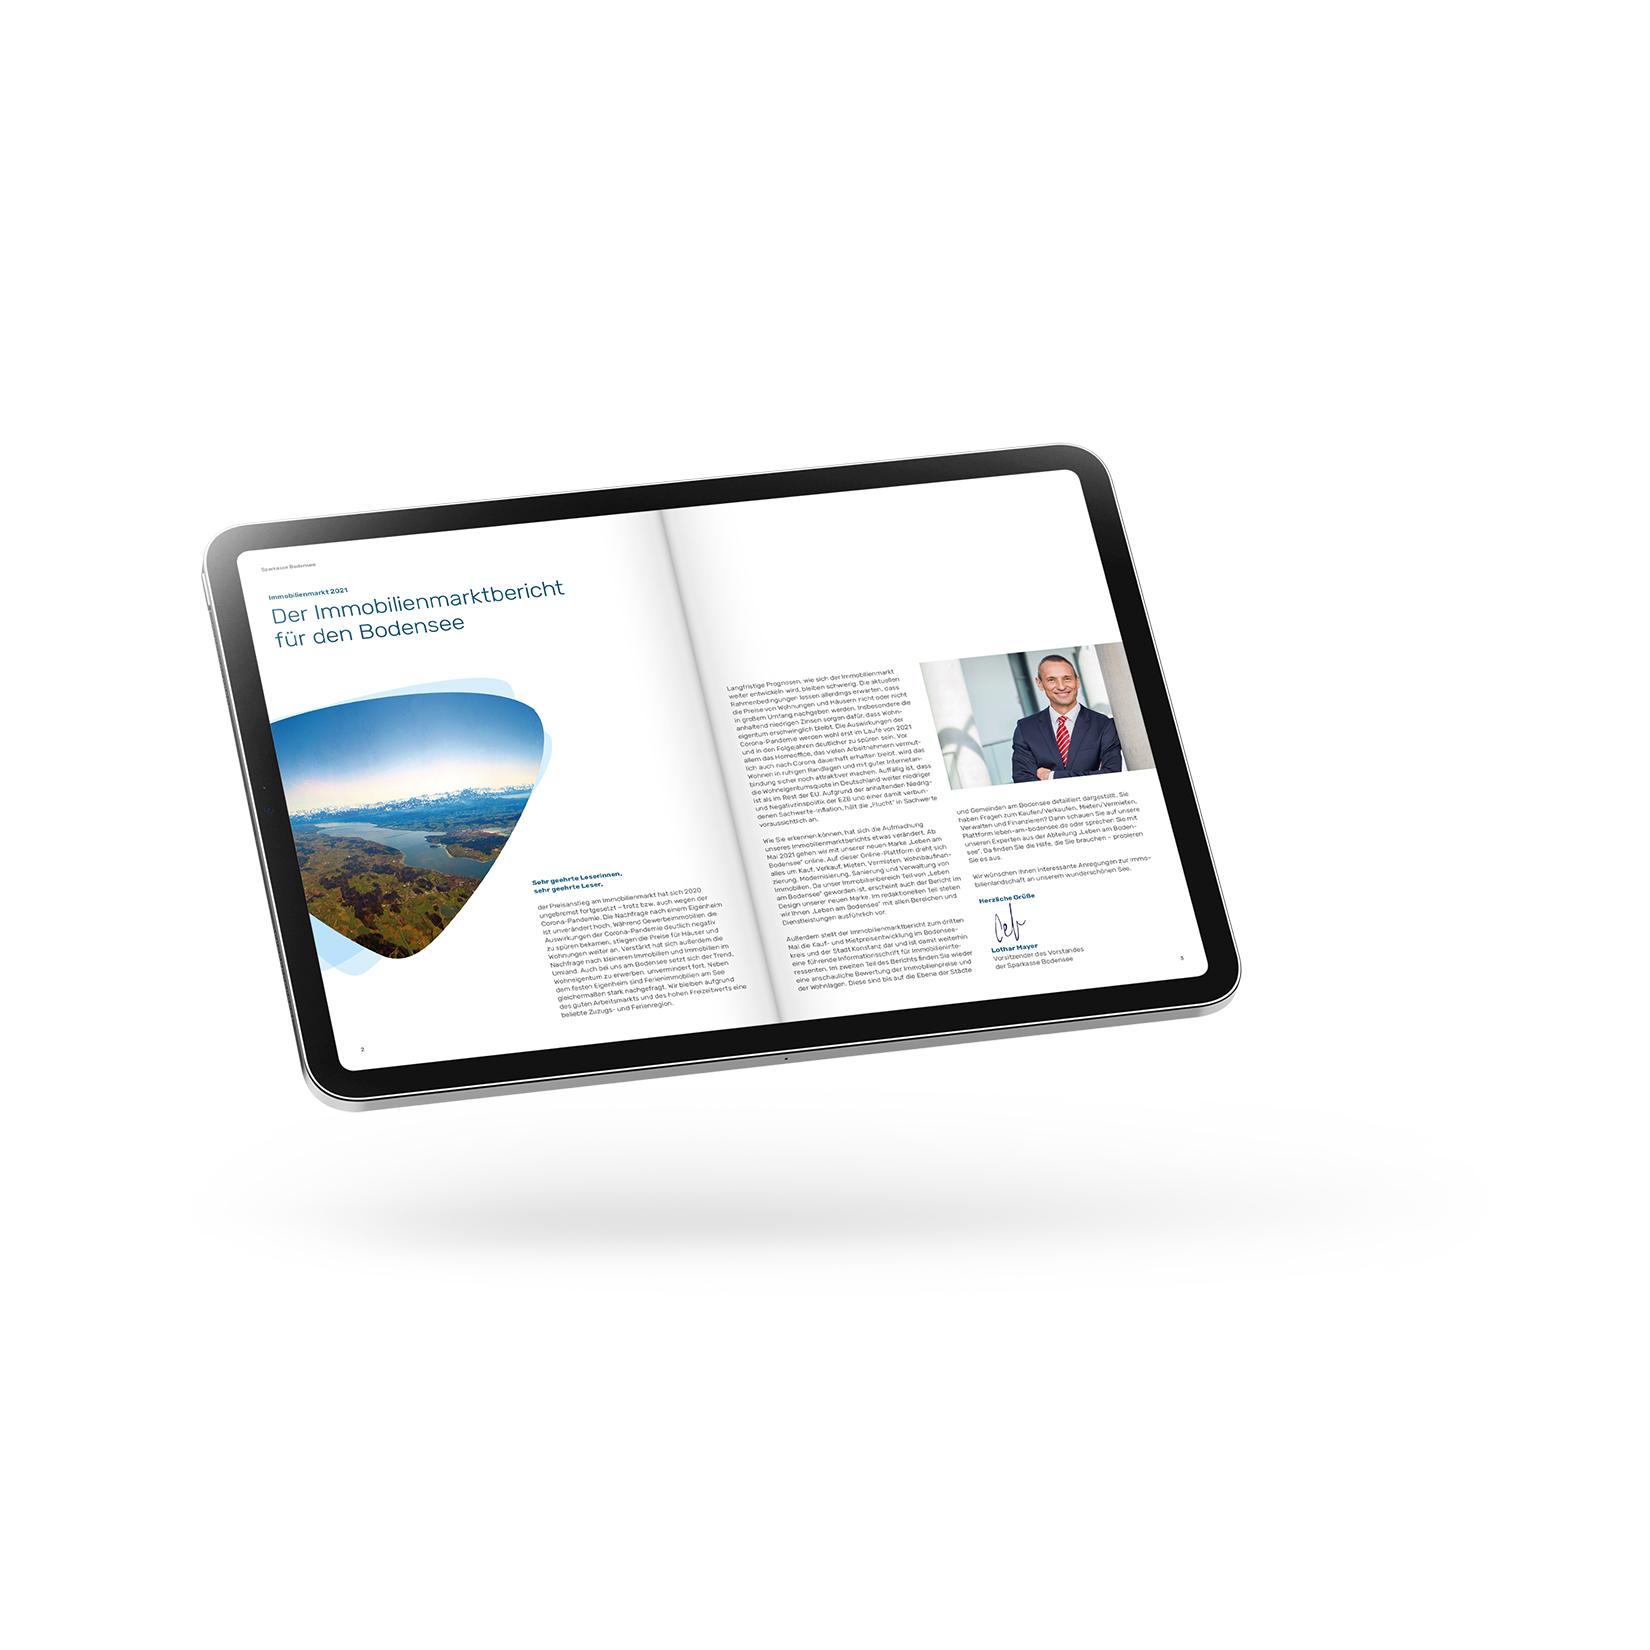 Immobilienmarktbericht Leben am Bodensee iPDF Online